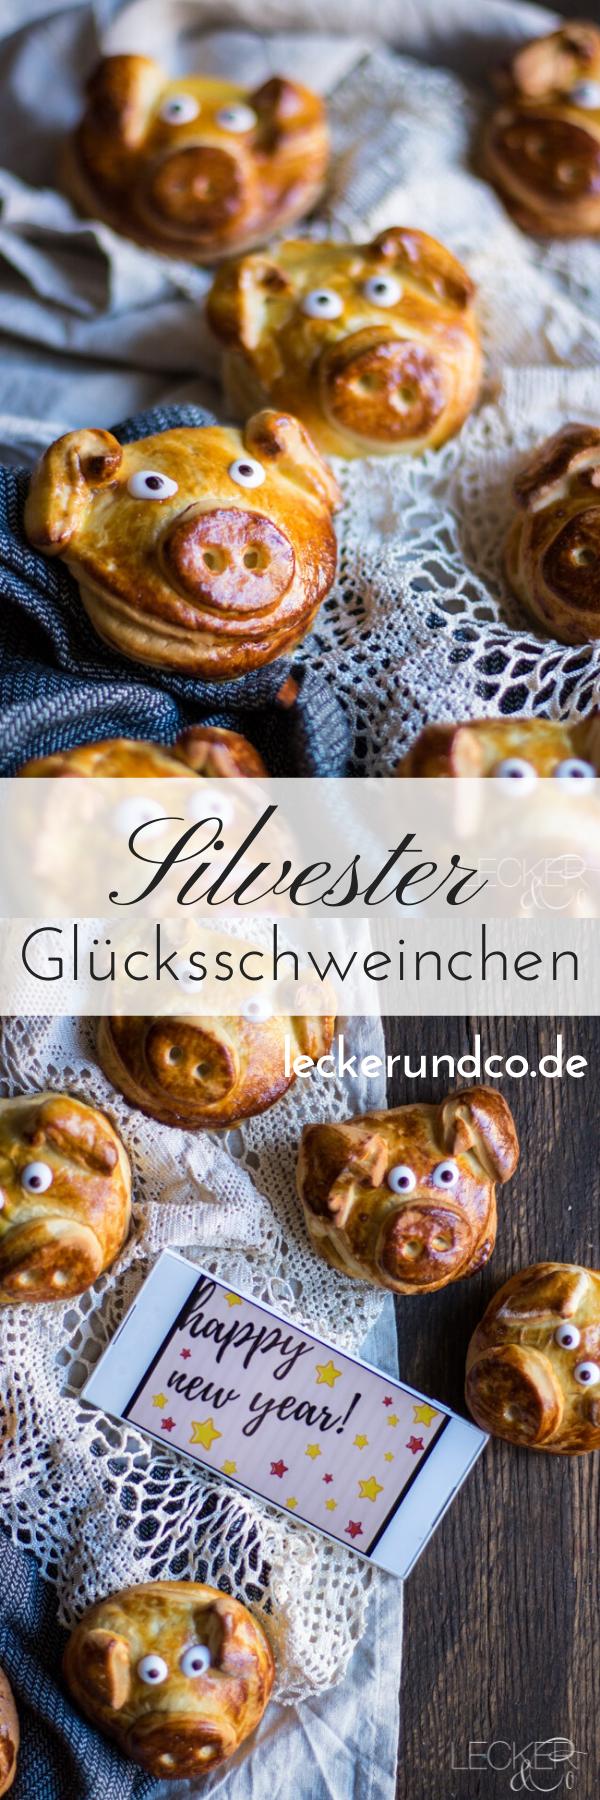 Glücksschweinchen | LECKER&Co | Foodblog aus Nürnberg